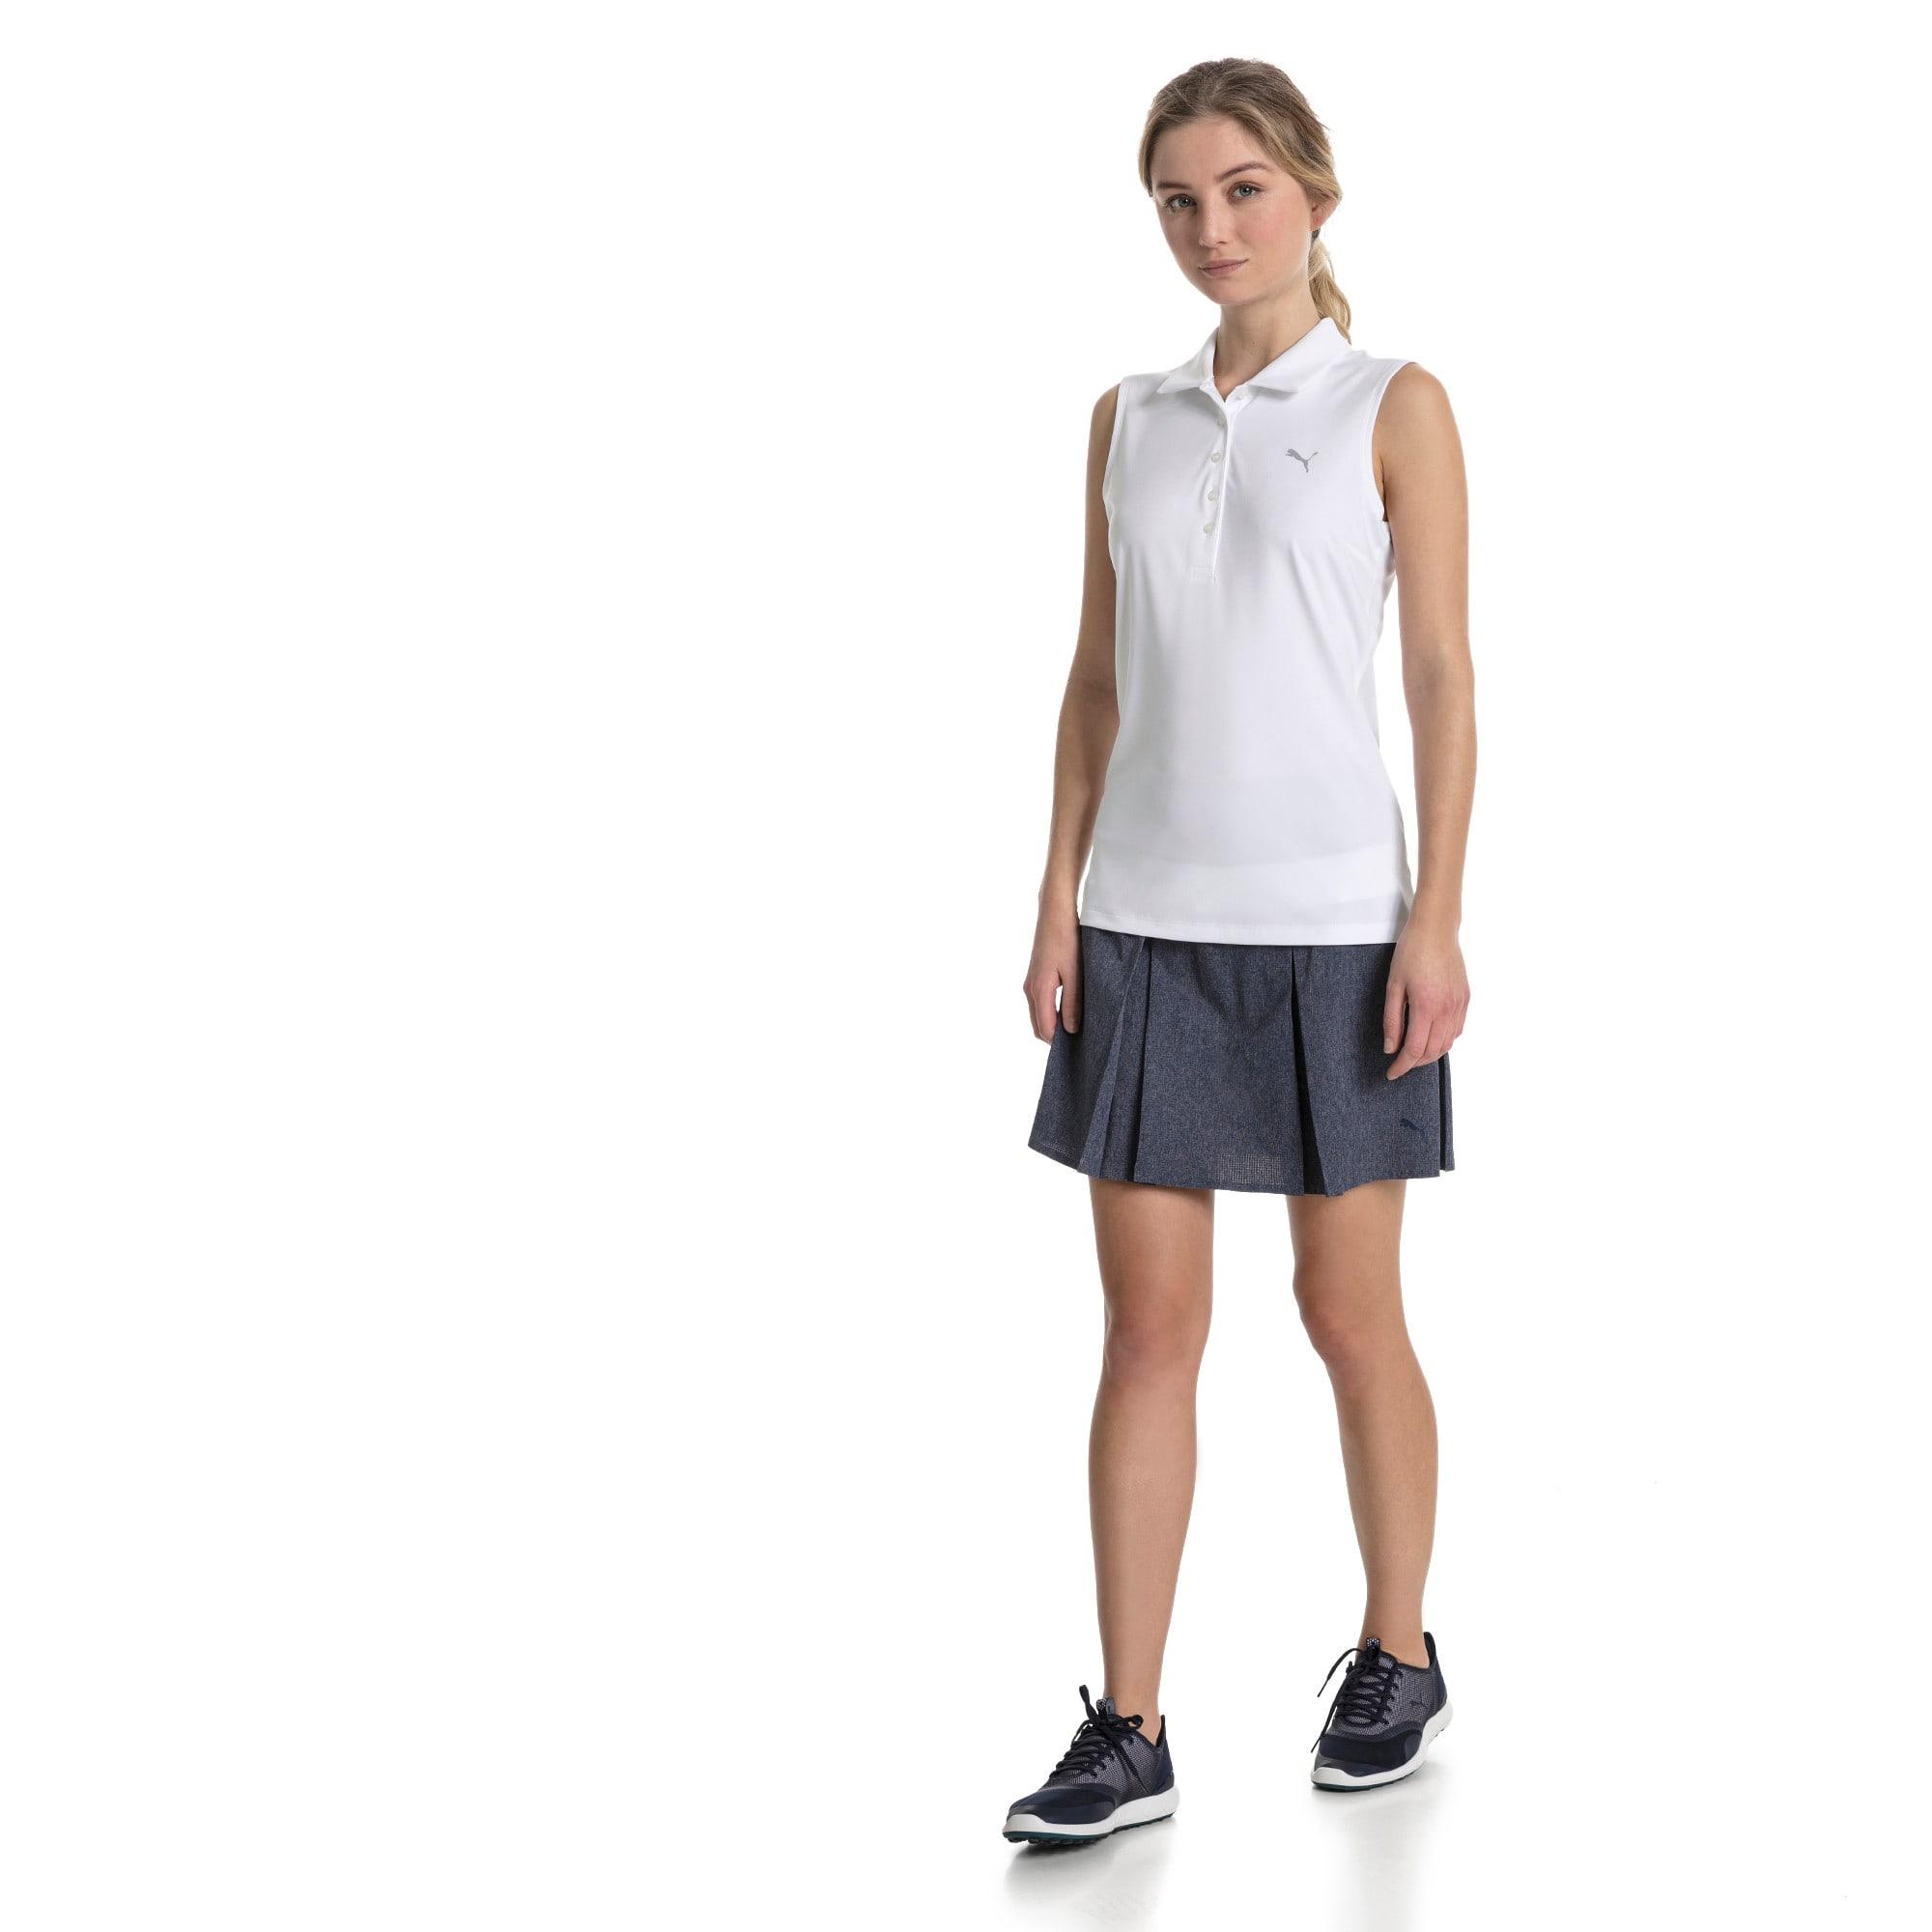 Thumbnail 3 of Golf Women's Pounce Sleeveless Polo, Bright White, medium